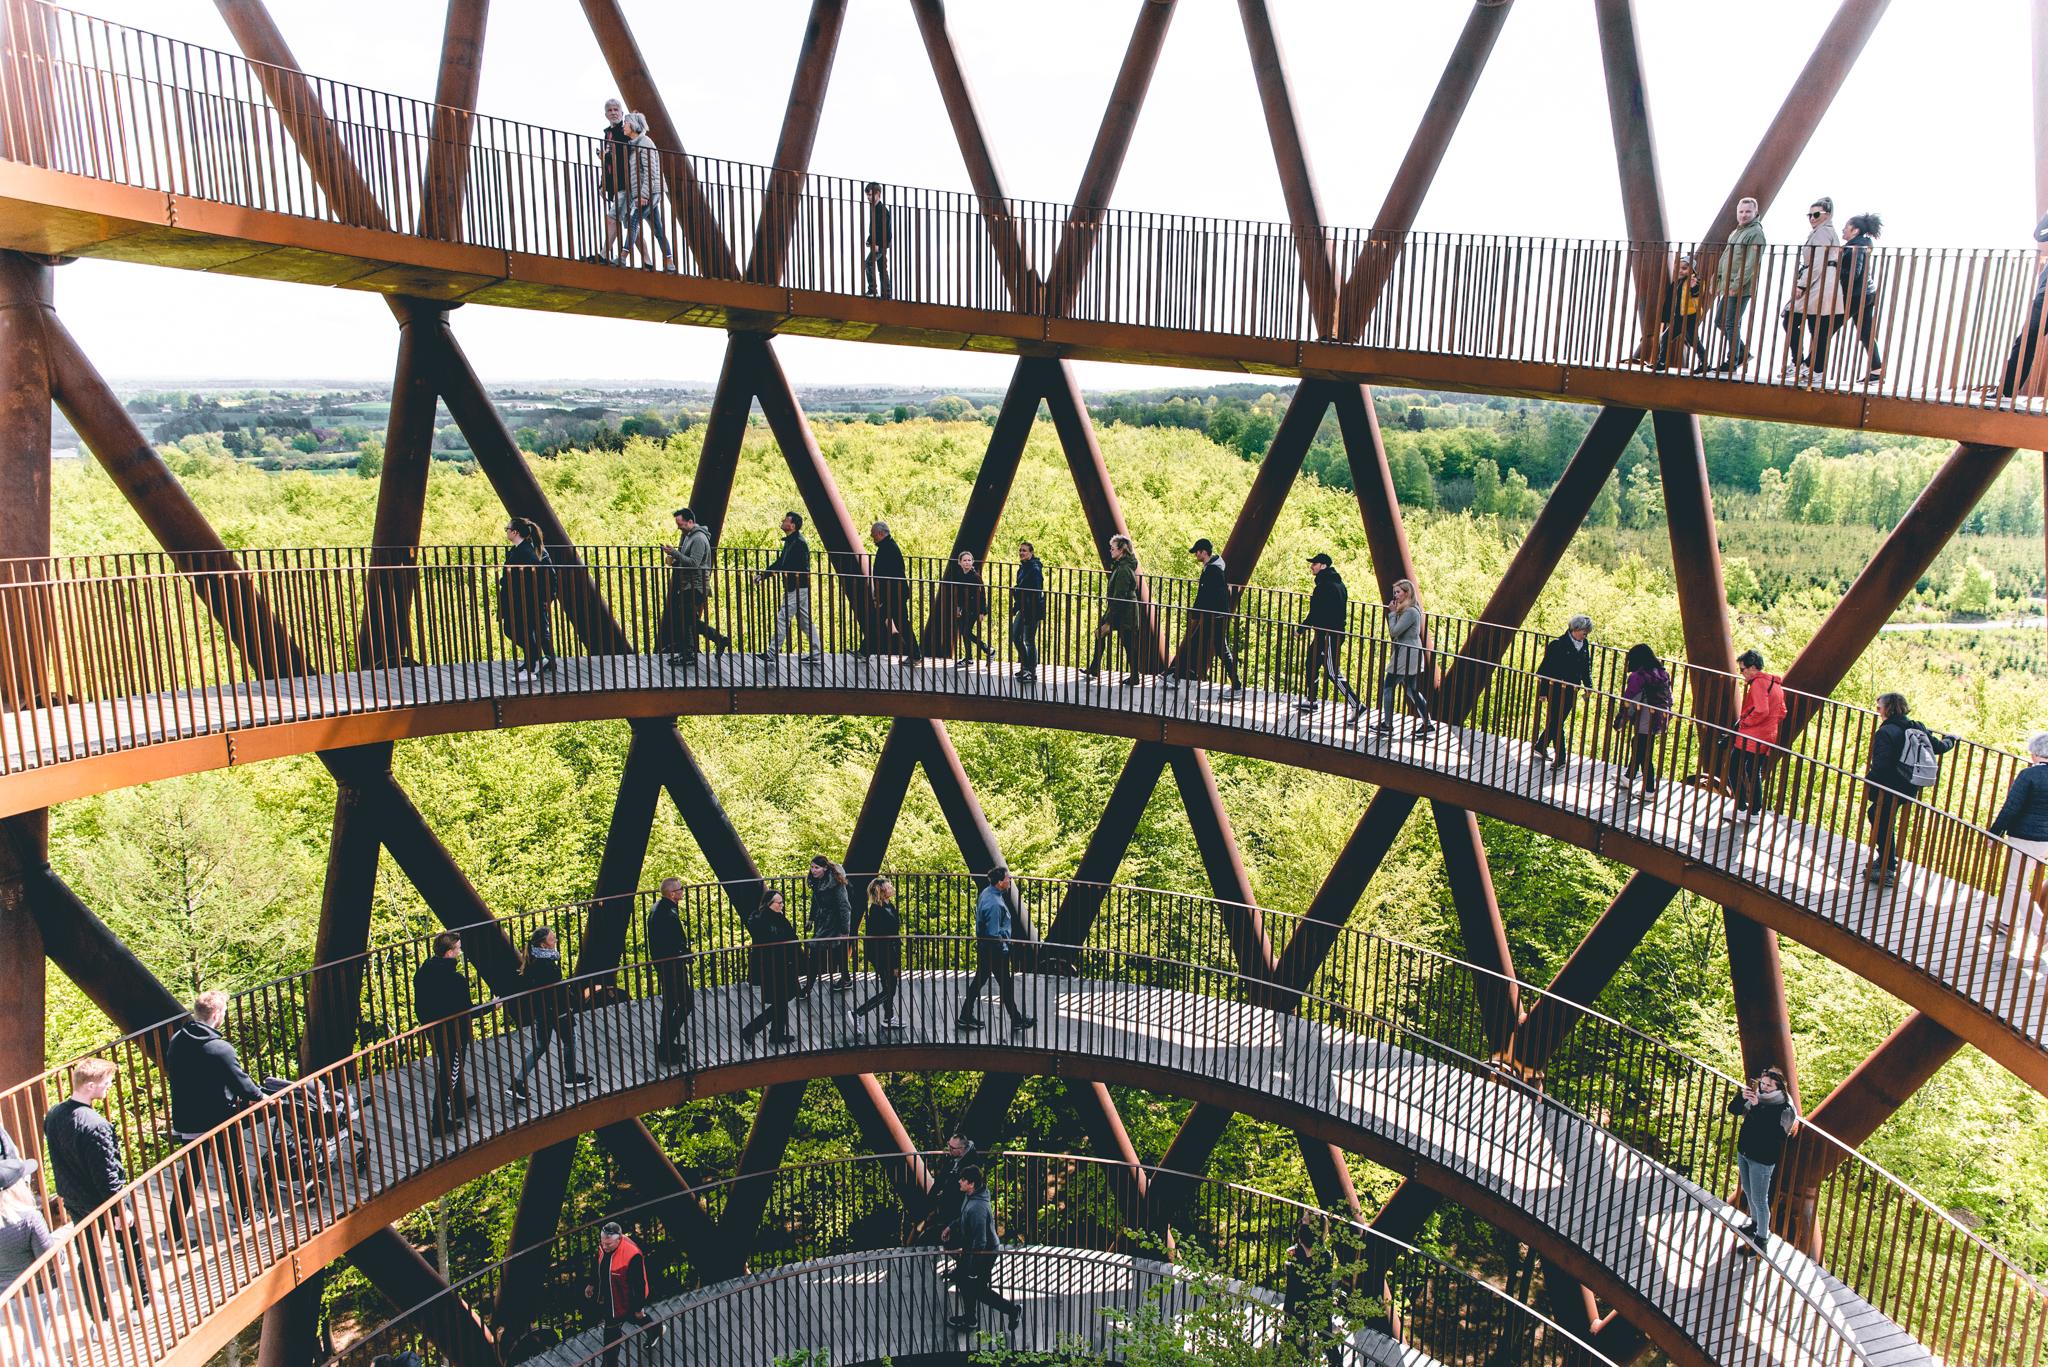 The Spiral walk, forest tower near Næstved, Denmark, Denmark